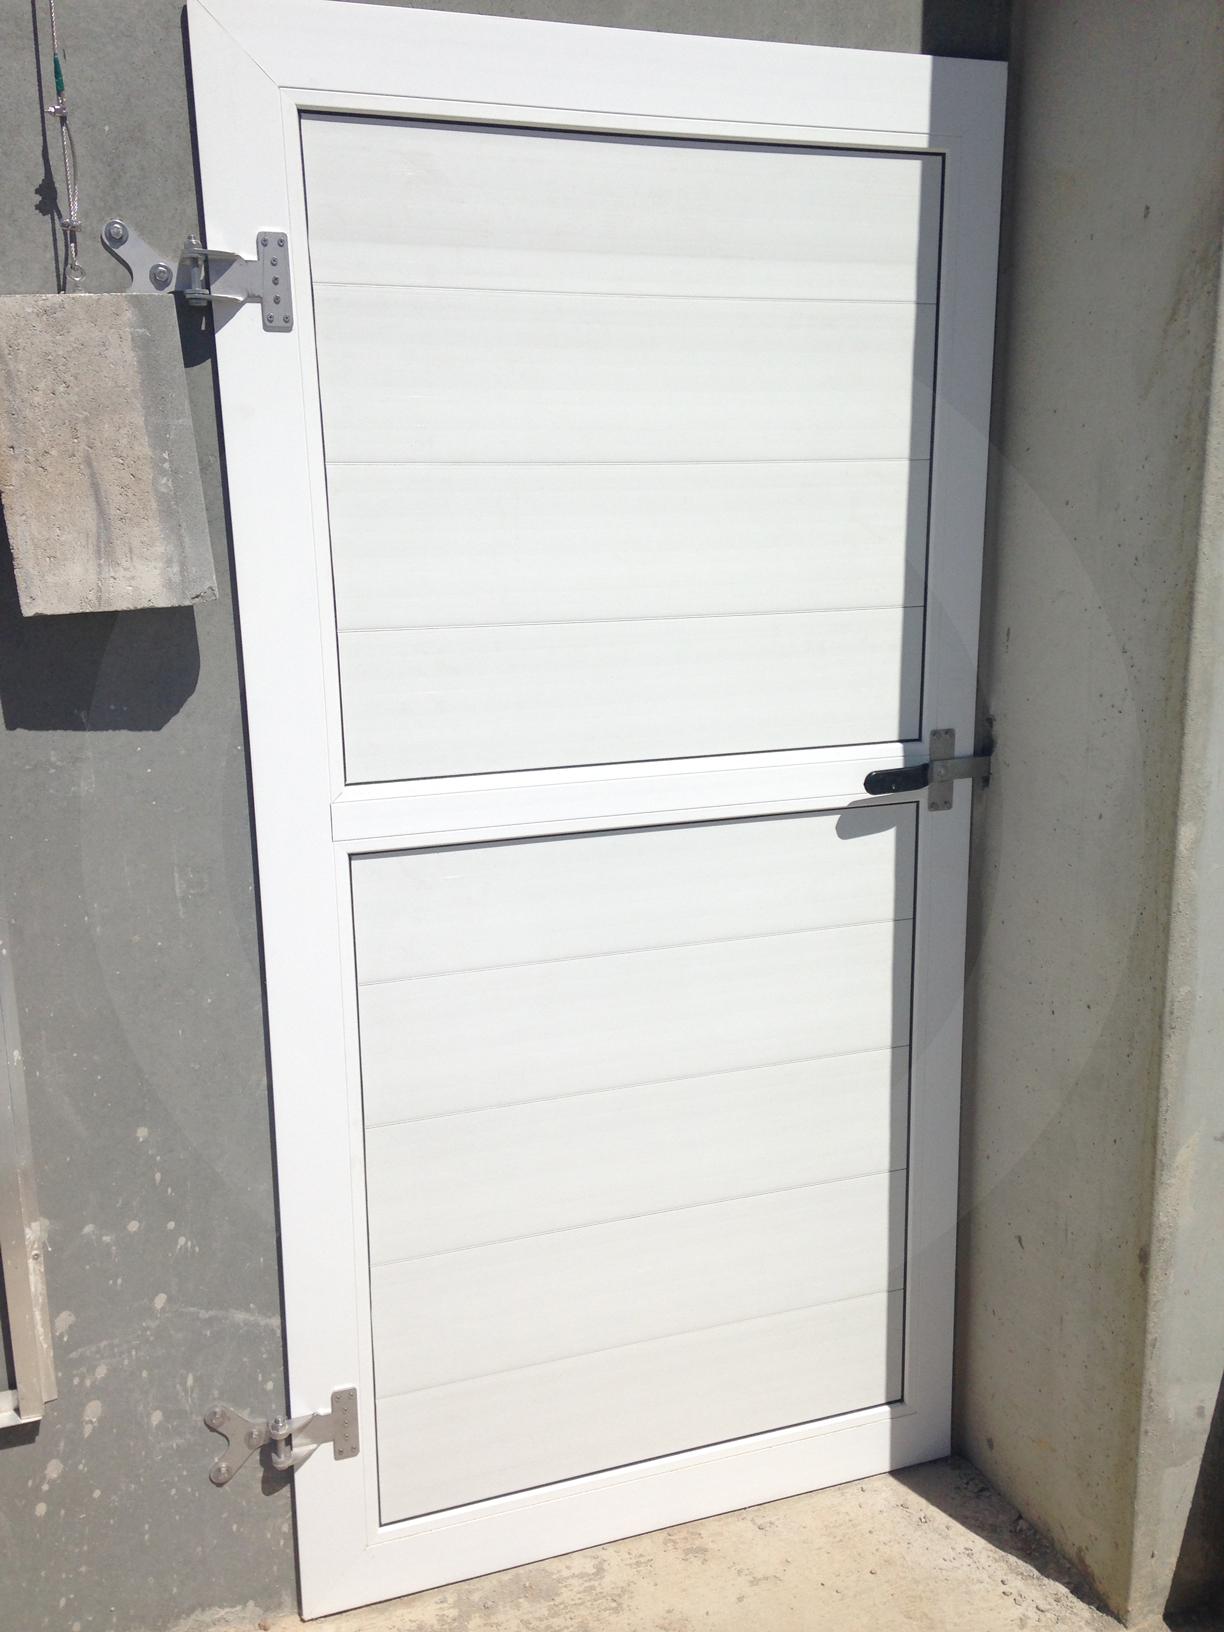 Puertas Exteriores De Pvc. Interesting Puertas Exteriores De Pvc Top ...